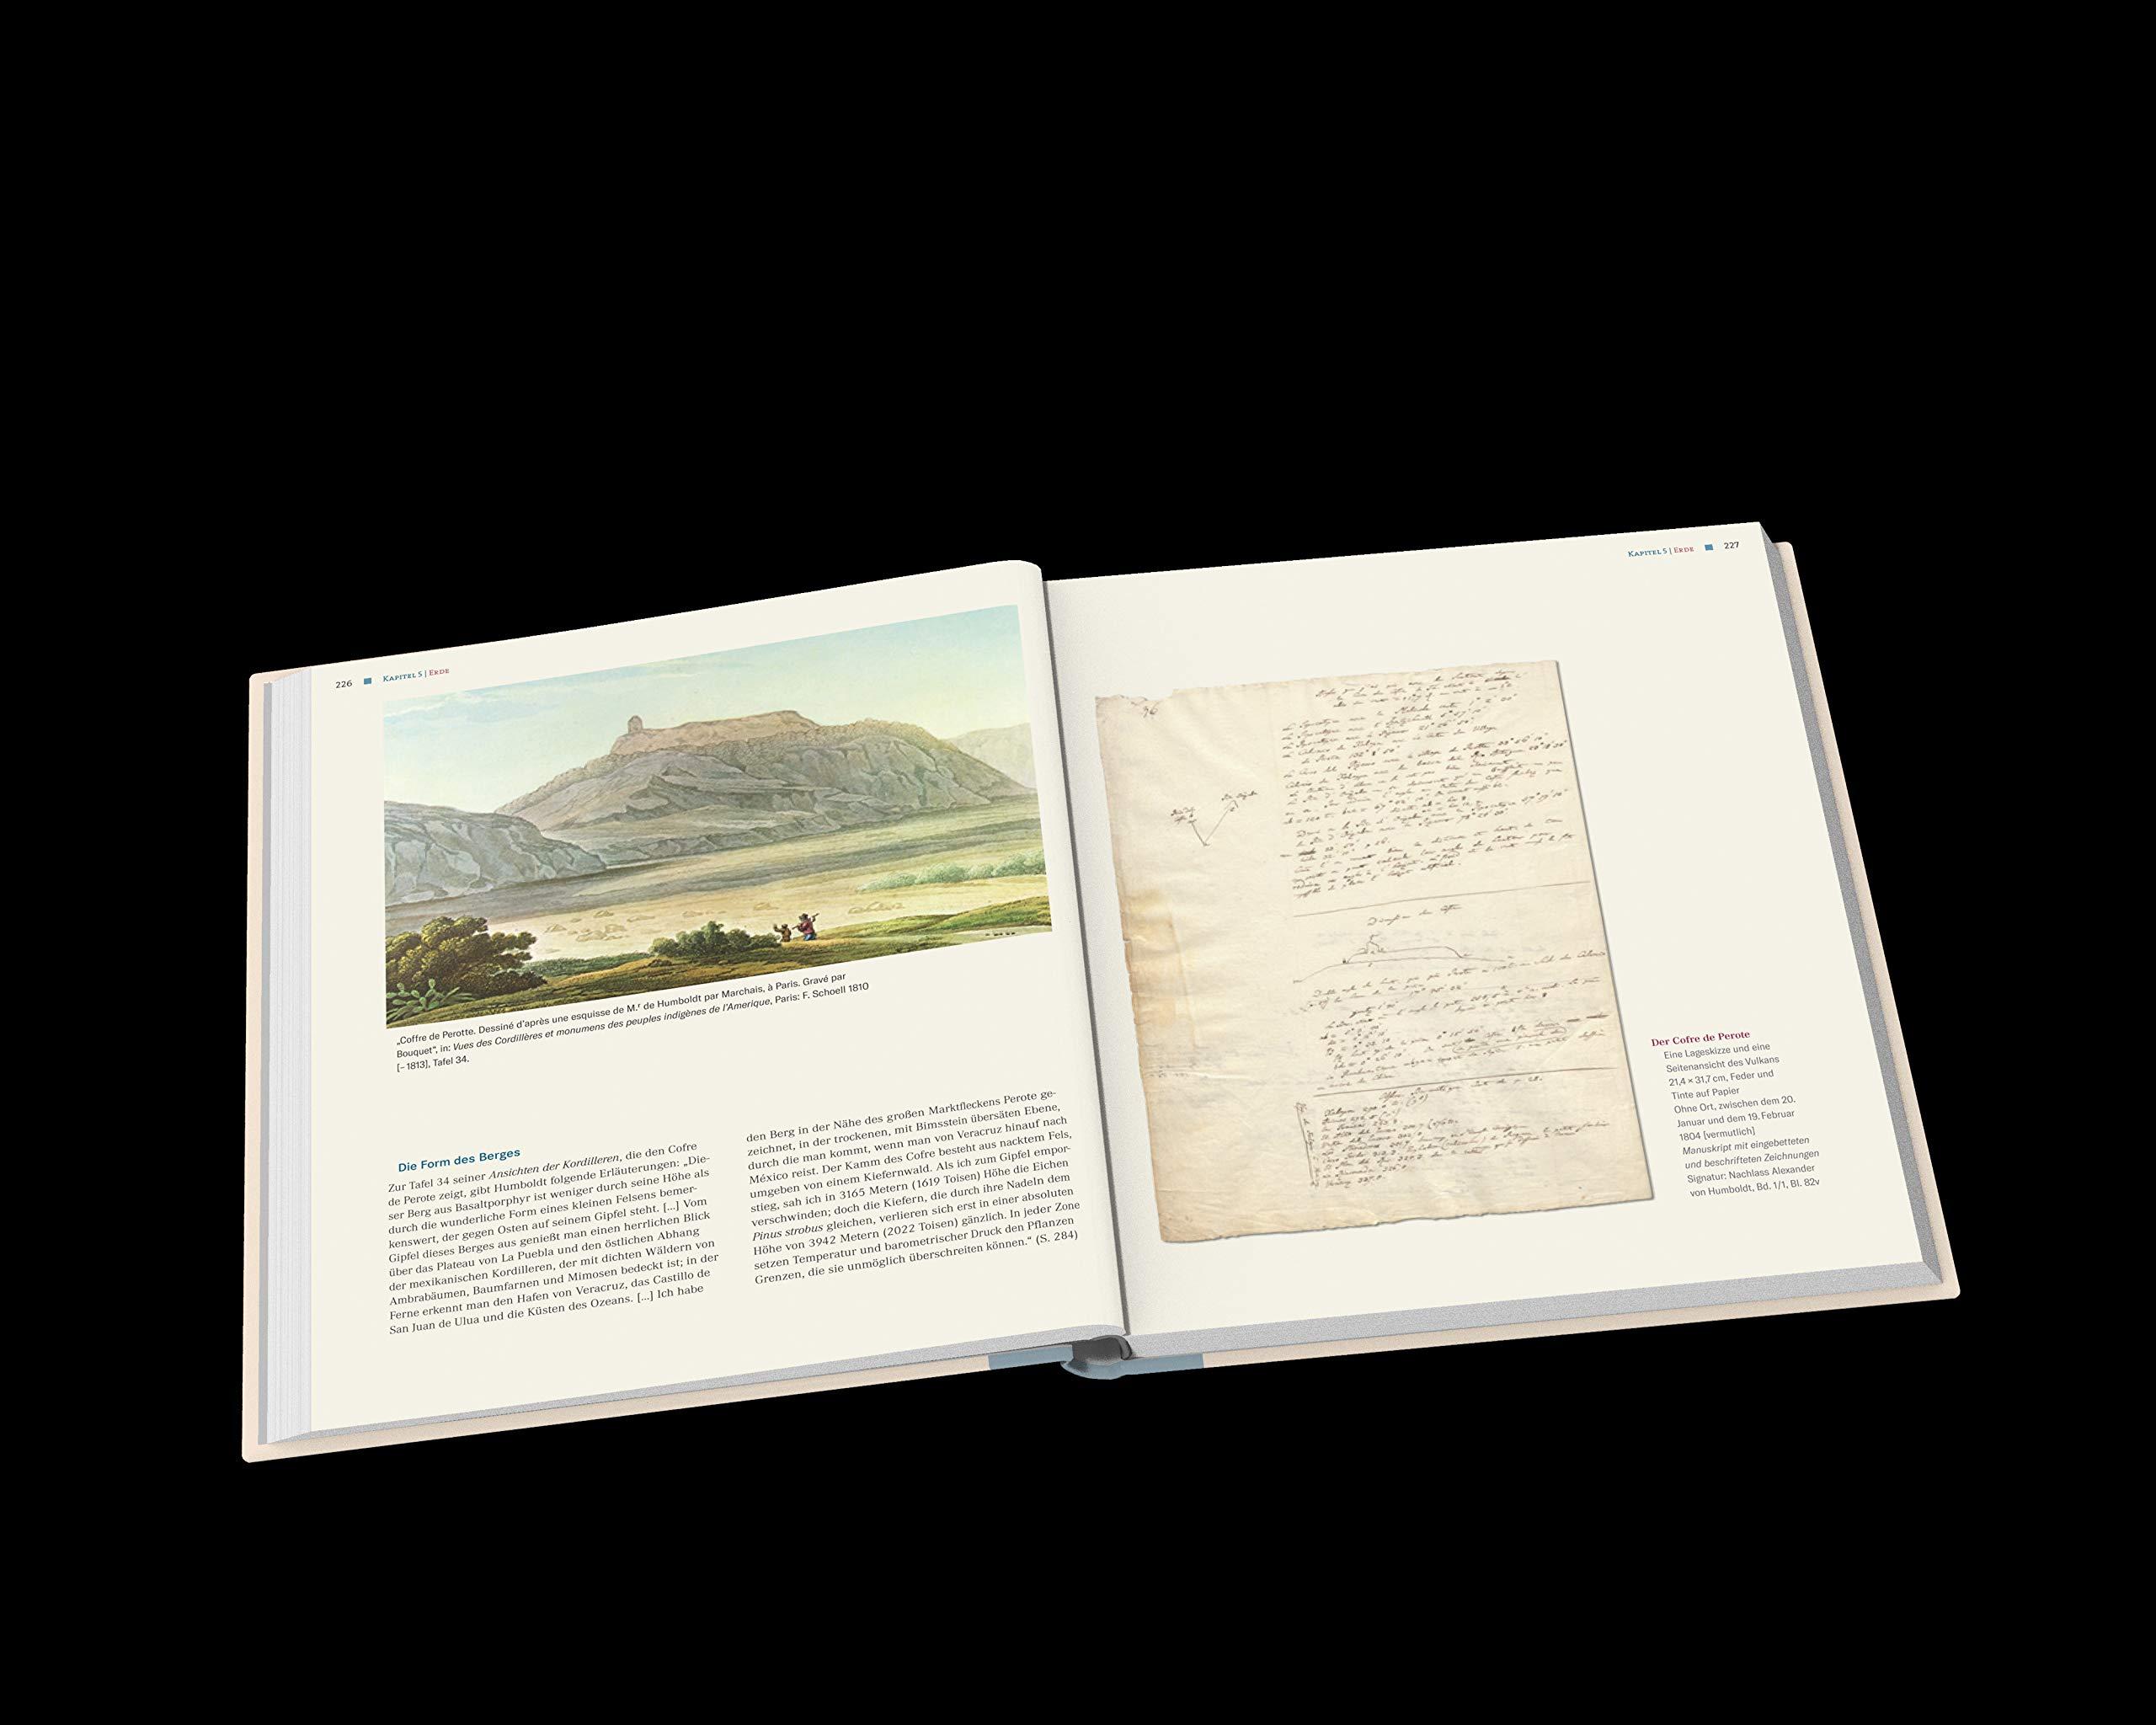 Alexander Von Humboldt Das Zeichnerische Werk Die Bislang Unveröffentlichen Originalzeichnungen Des Genialen Forschungsreisenden Alexander Von Humboldt Bücher